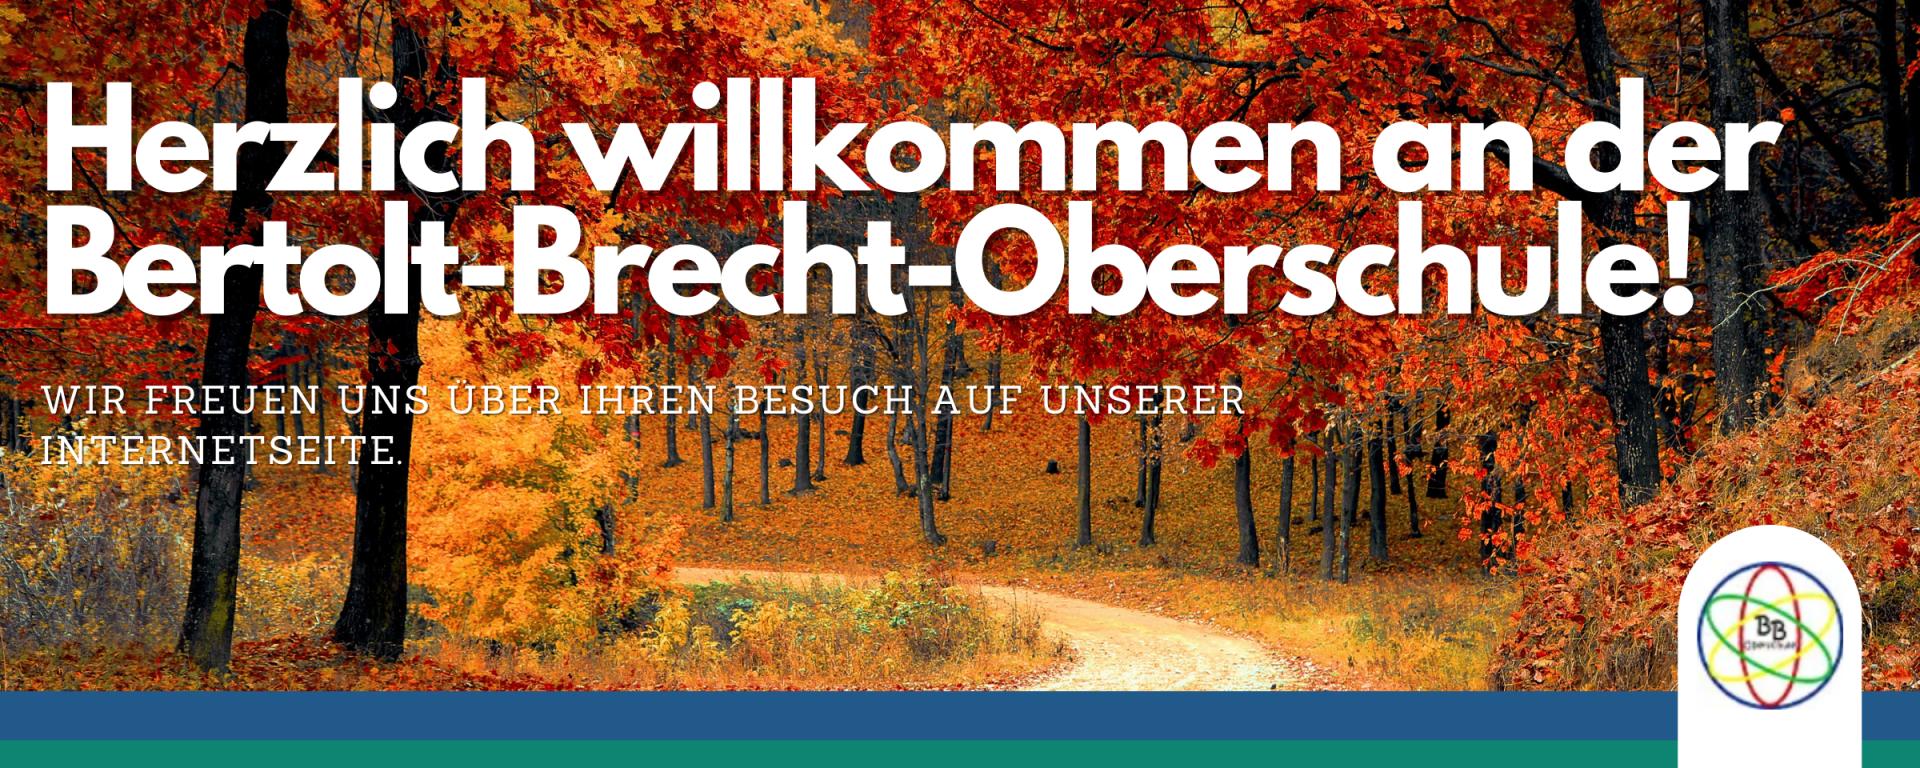 willkommen_herbst (1200 x 480 px)